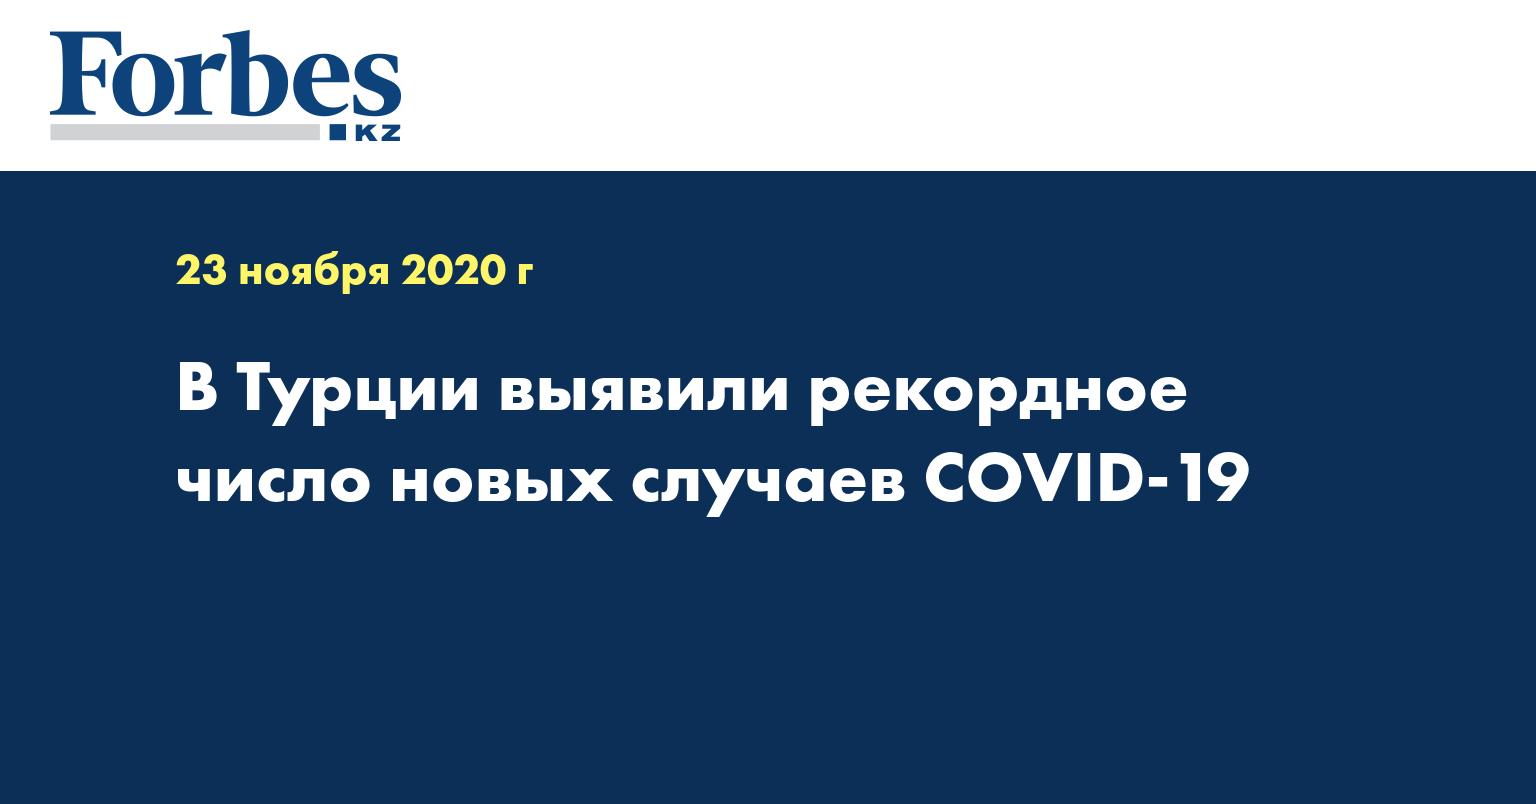 В Турции выявили рекордное число новых случаев COVID-19